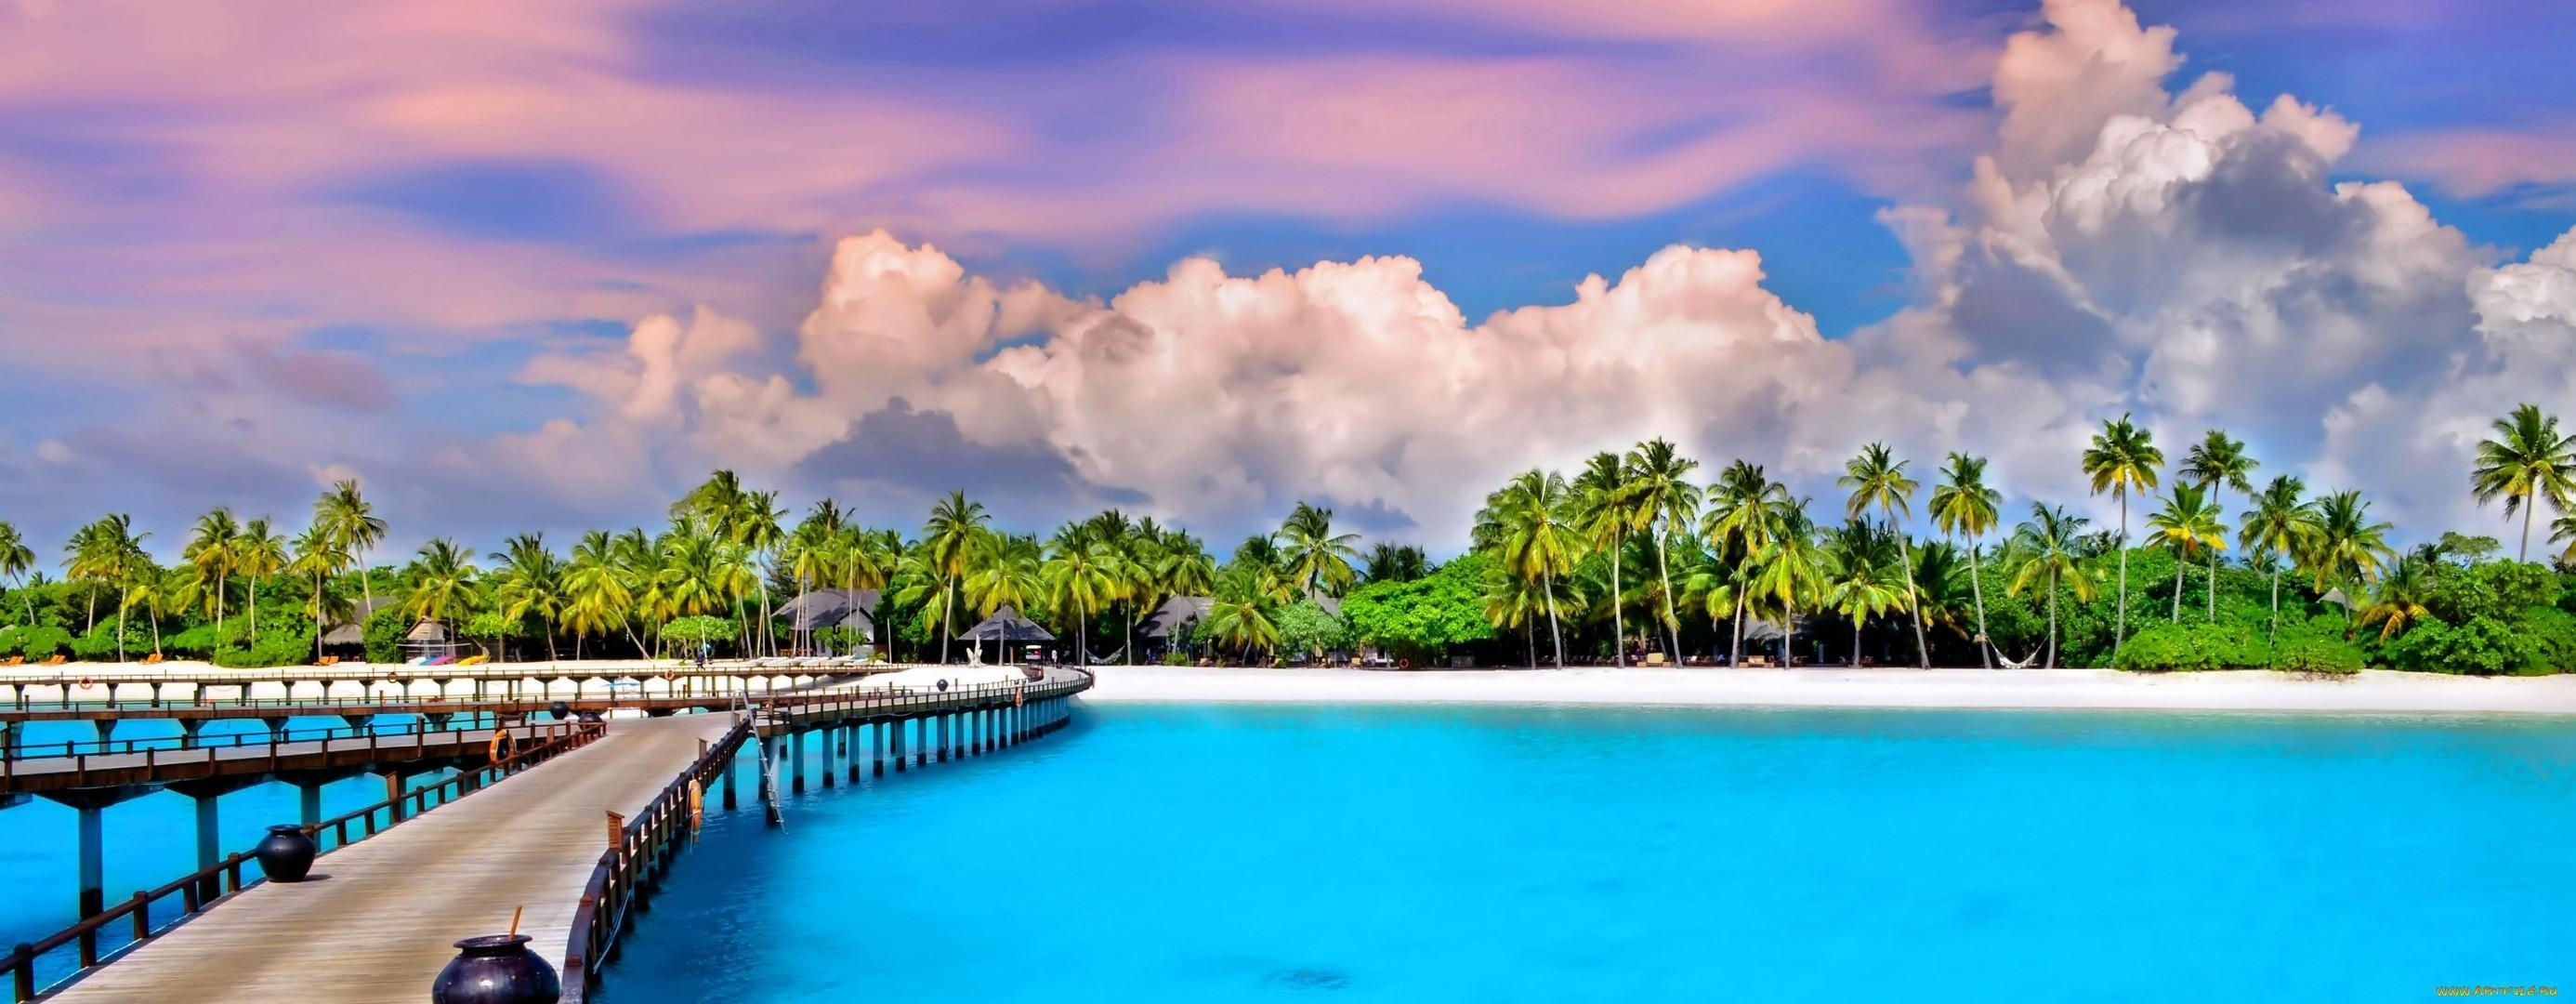 Tropical Wallpaper HD